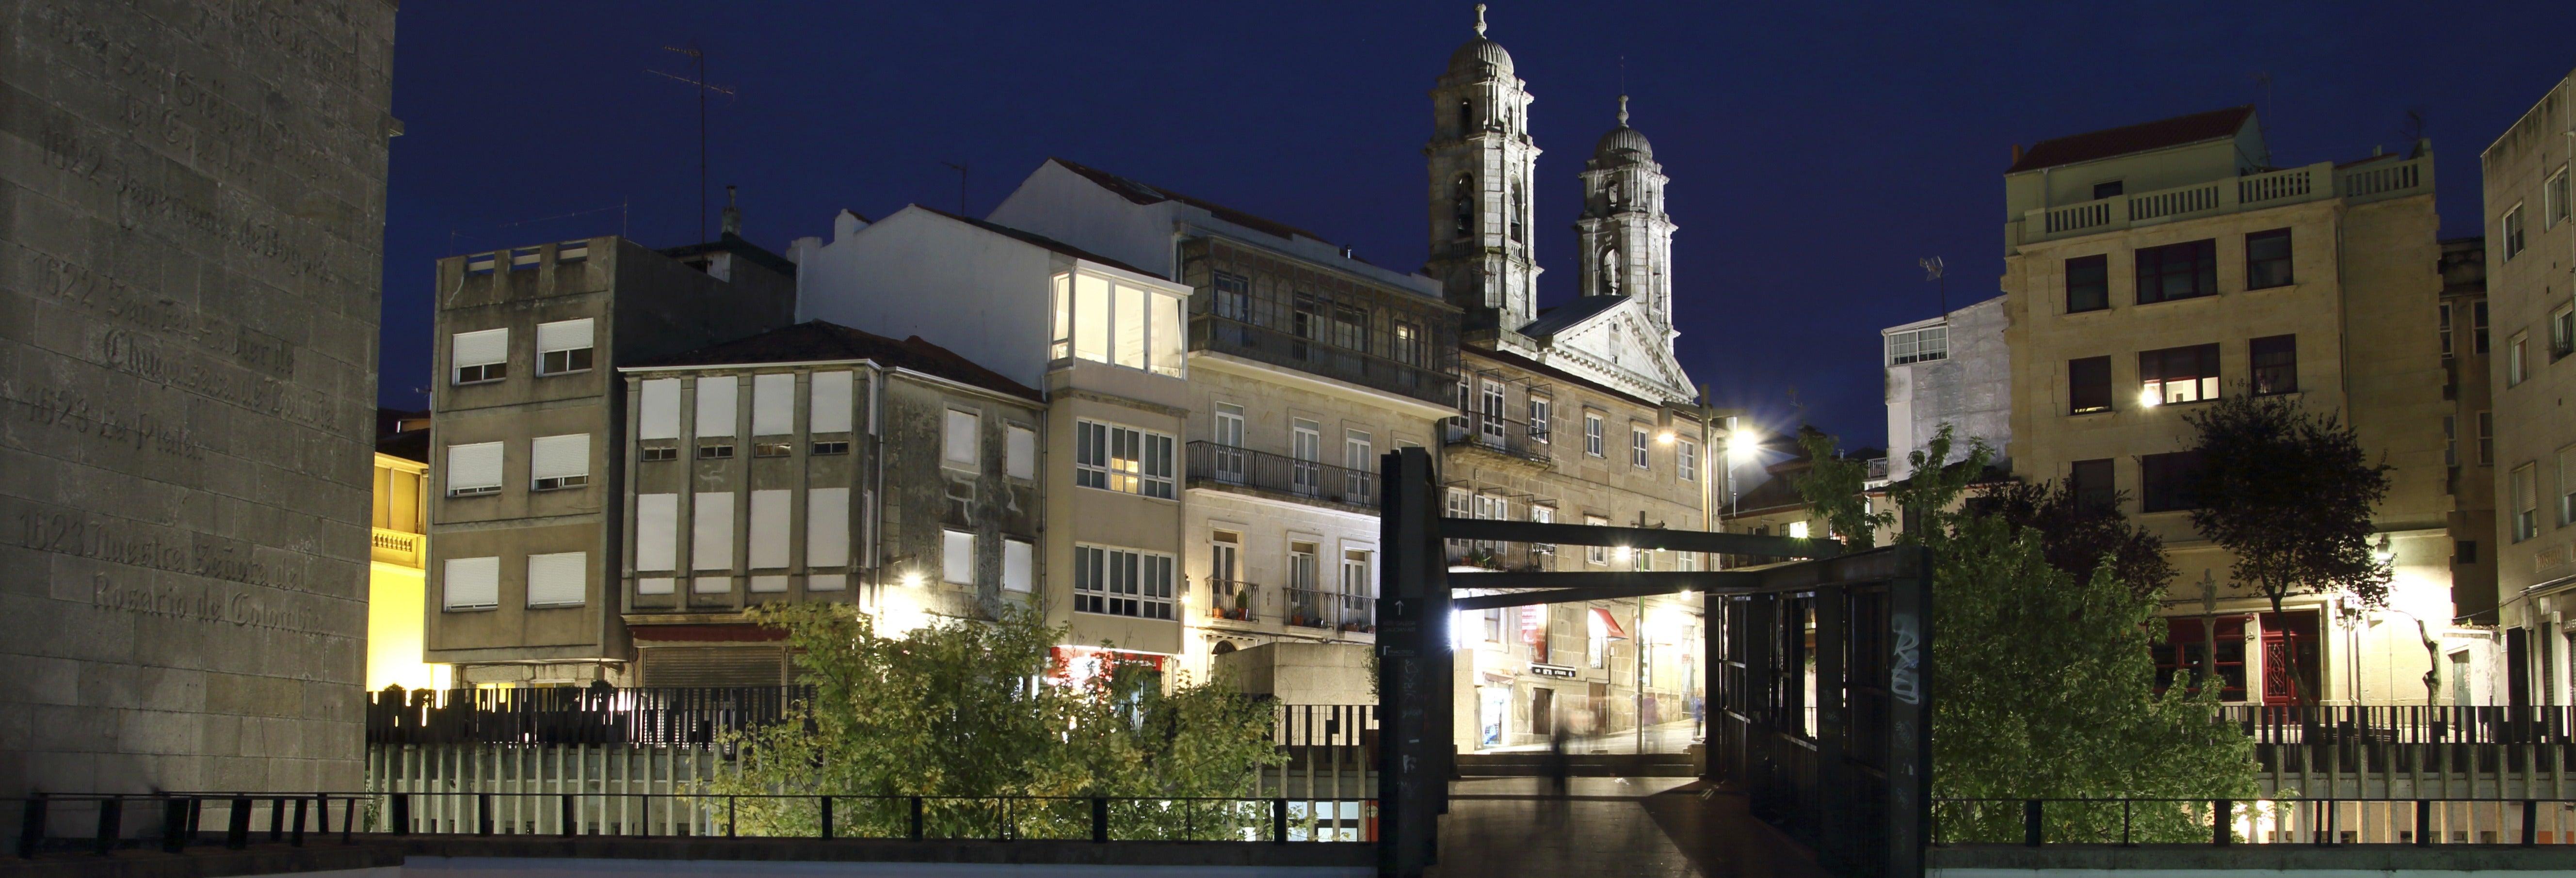 Free tour de mistérios e lendas por Vigo. Grátis!